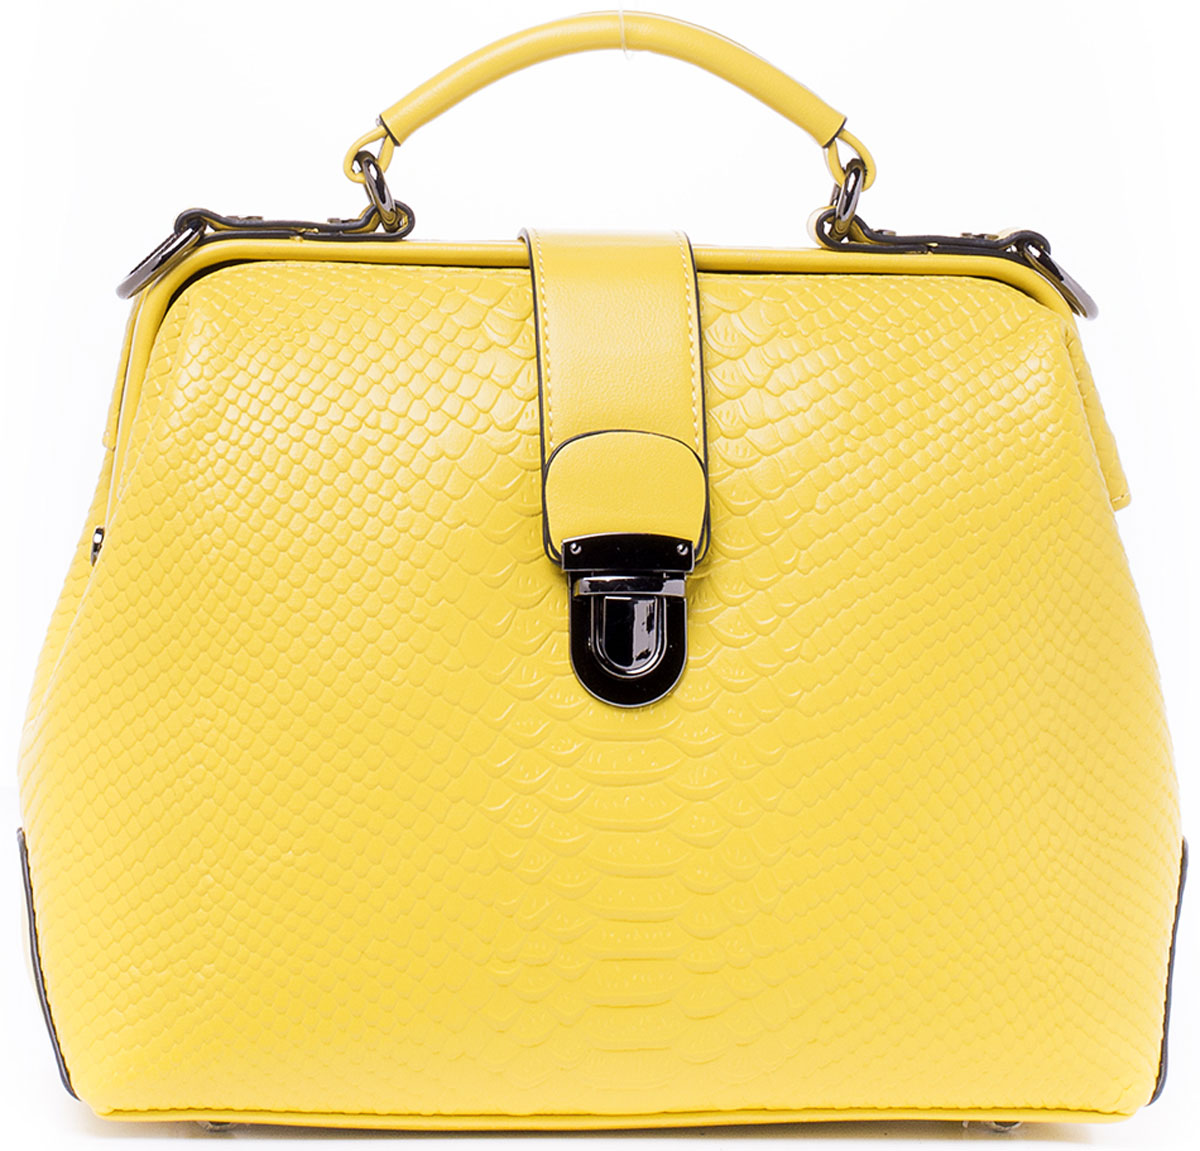 Сумка женская Kordia, цвет: желтый. 937-8702/82L39845800Кокетливая сумочка Kordia исполнена из высококачественной экокожи. Имеет одно главное отделение, закрывающееся на рамочный замок. внутри отделения находятся: карман-разделитель на молнии, который разграничивает отделение на две части. два накладных кармашка для сотового телефона или мелочей, один прорезной карман на застежке-молнии. Снаружи, на задней стенке сумки, так же имеется карман на молнии для быстрого доступа к часто используемым вещам. Днище сумки защищено от протирания фурнитурными пуклями. Изделие имеет удобную ручку для переноски и пристегивающийся регулируемый наплечный ремень. Ремень прилагается к сумке.